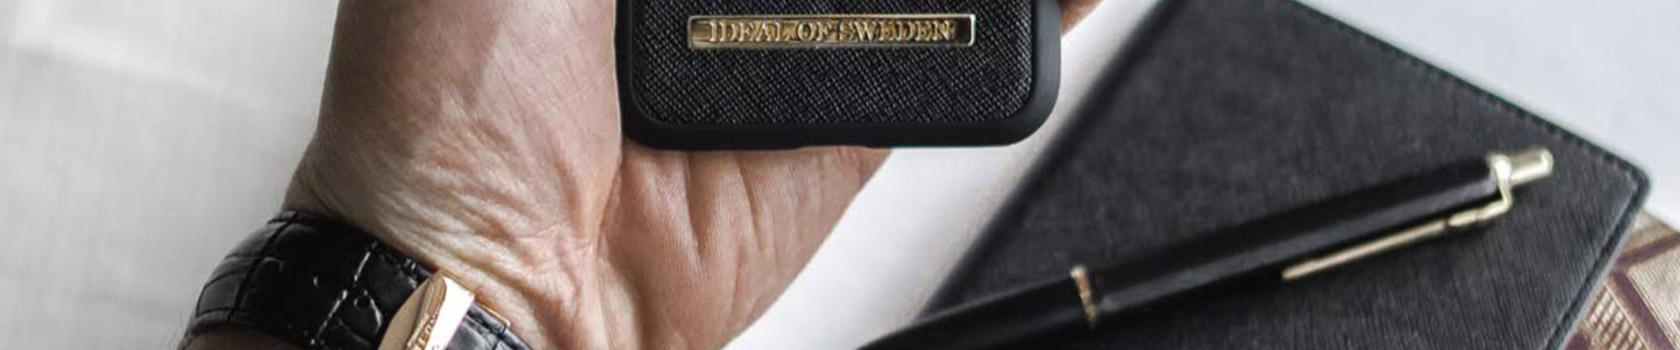 iDeal od Sweden